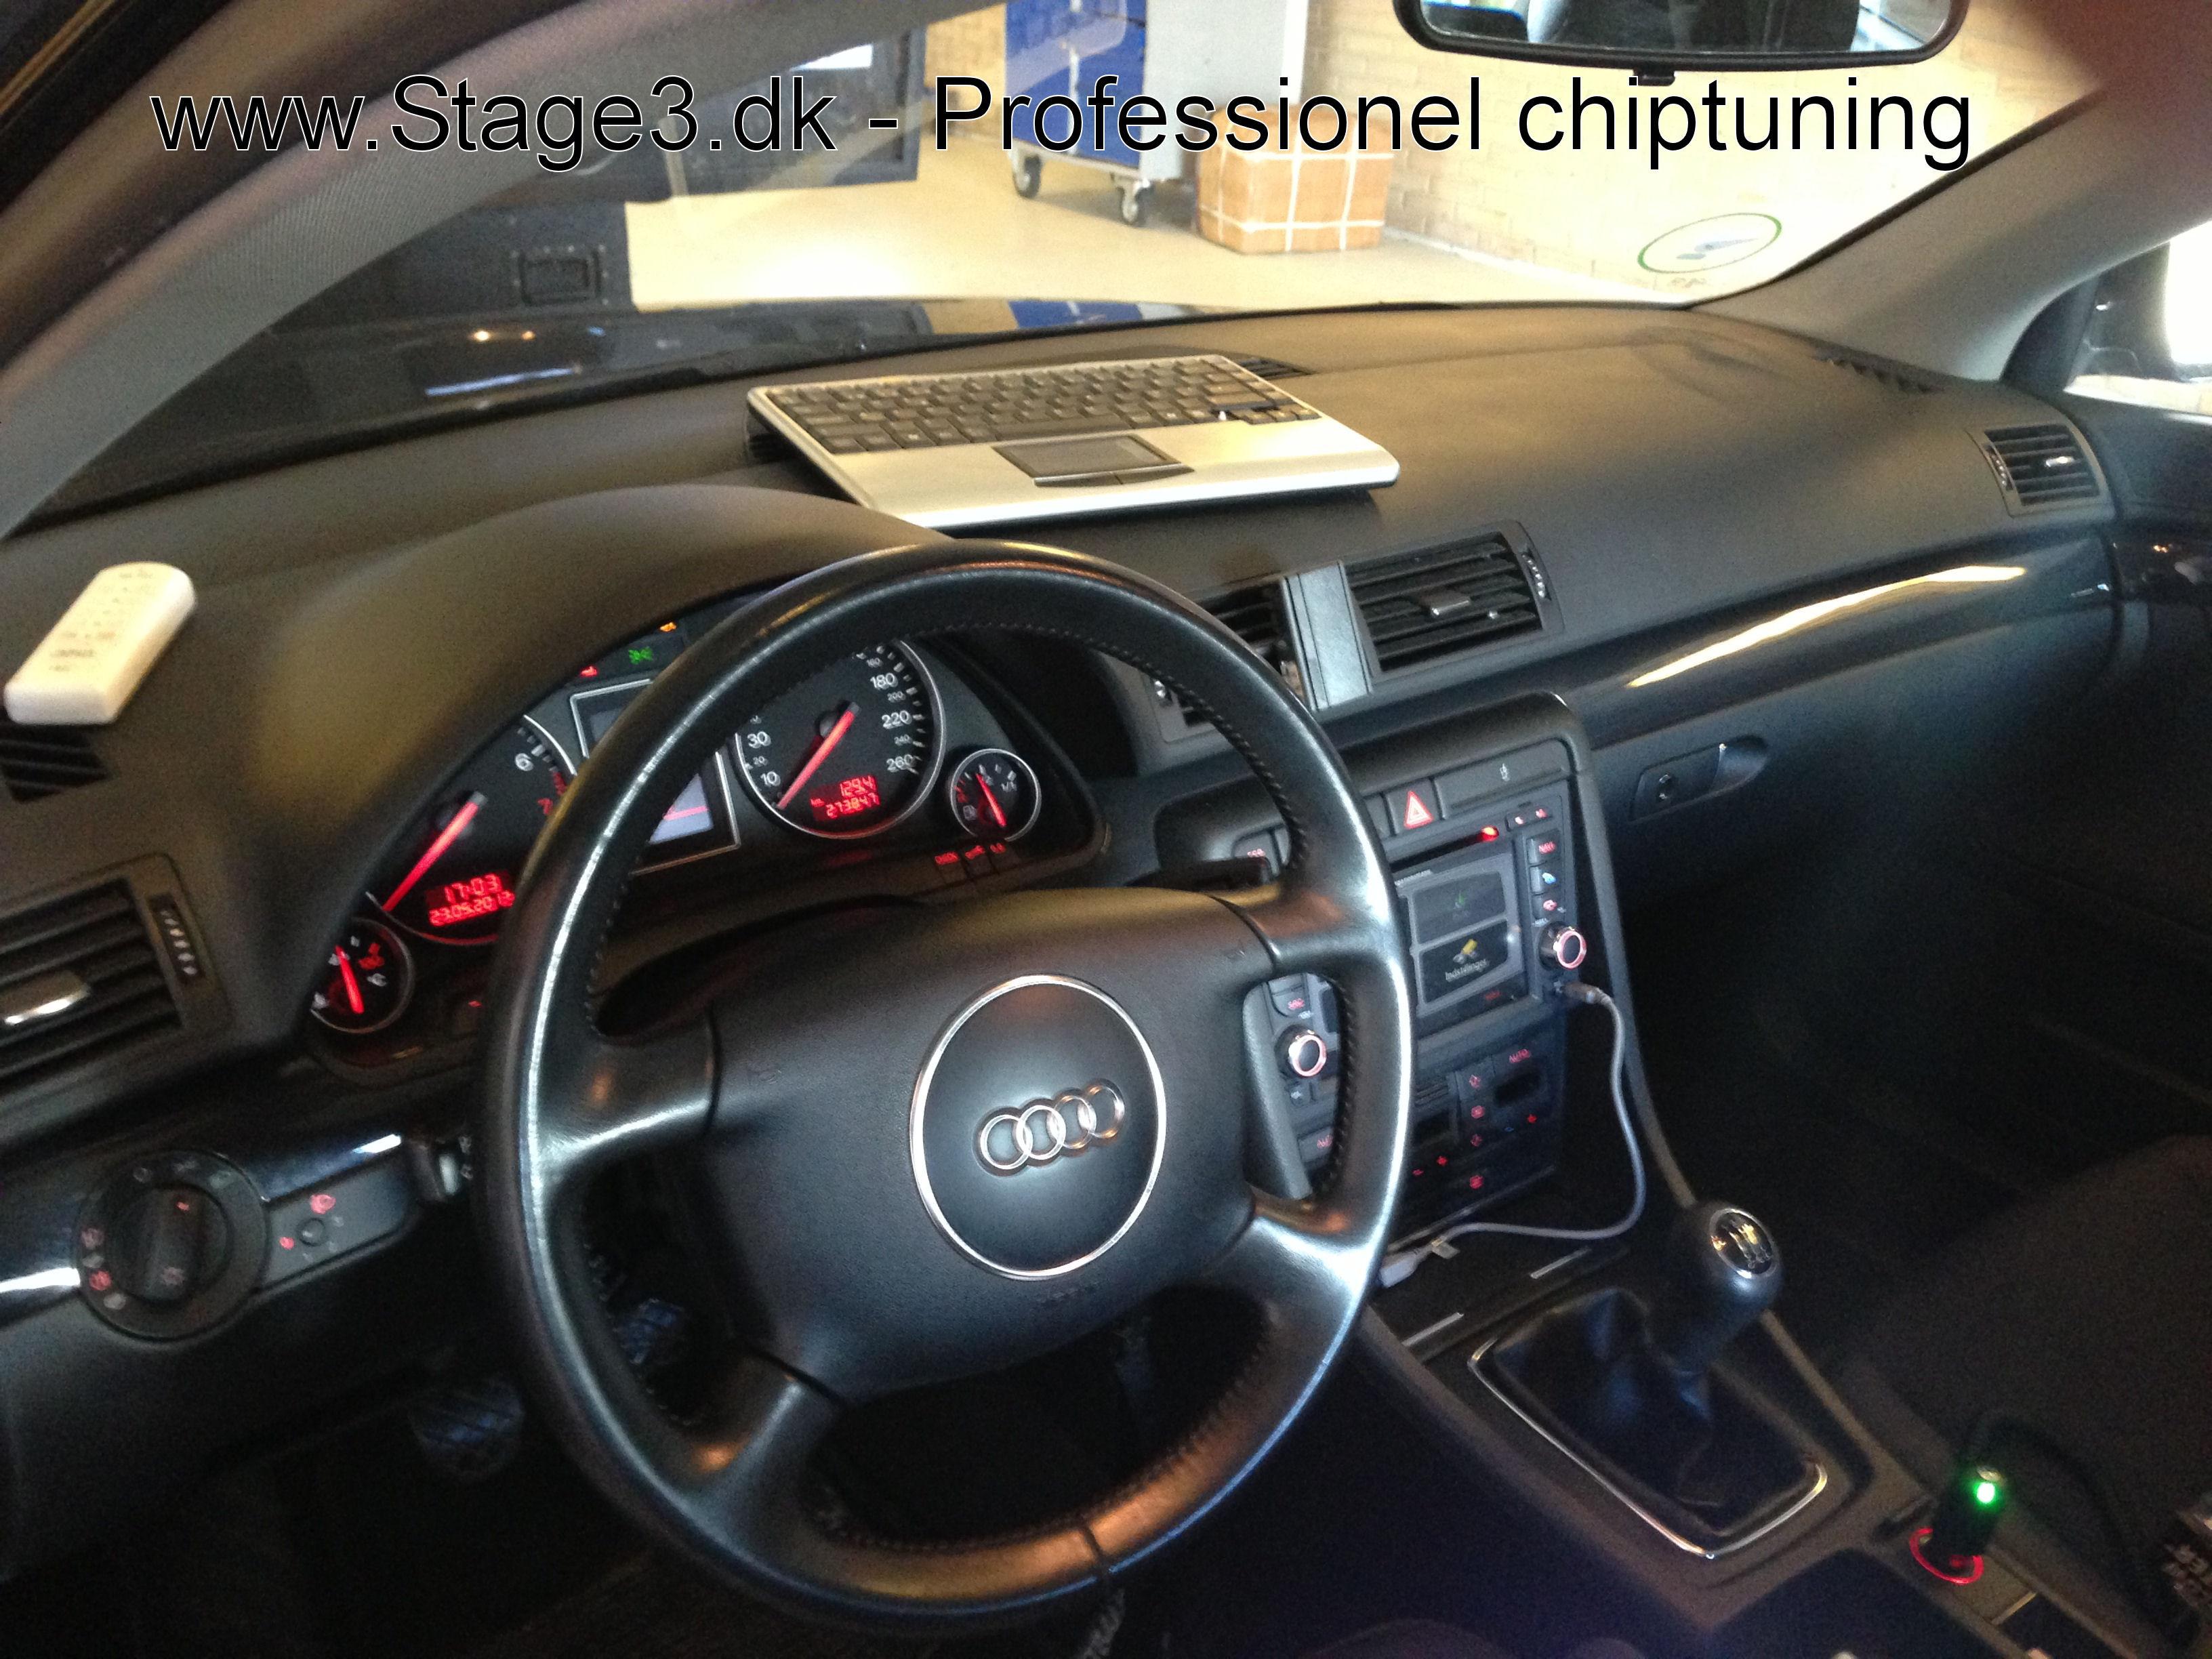 Audi A4 1.8 turbo 2003 – 163 HK egas (6)